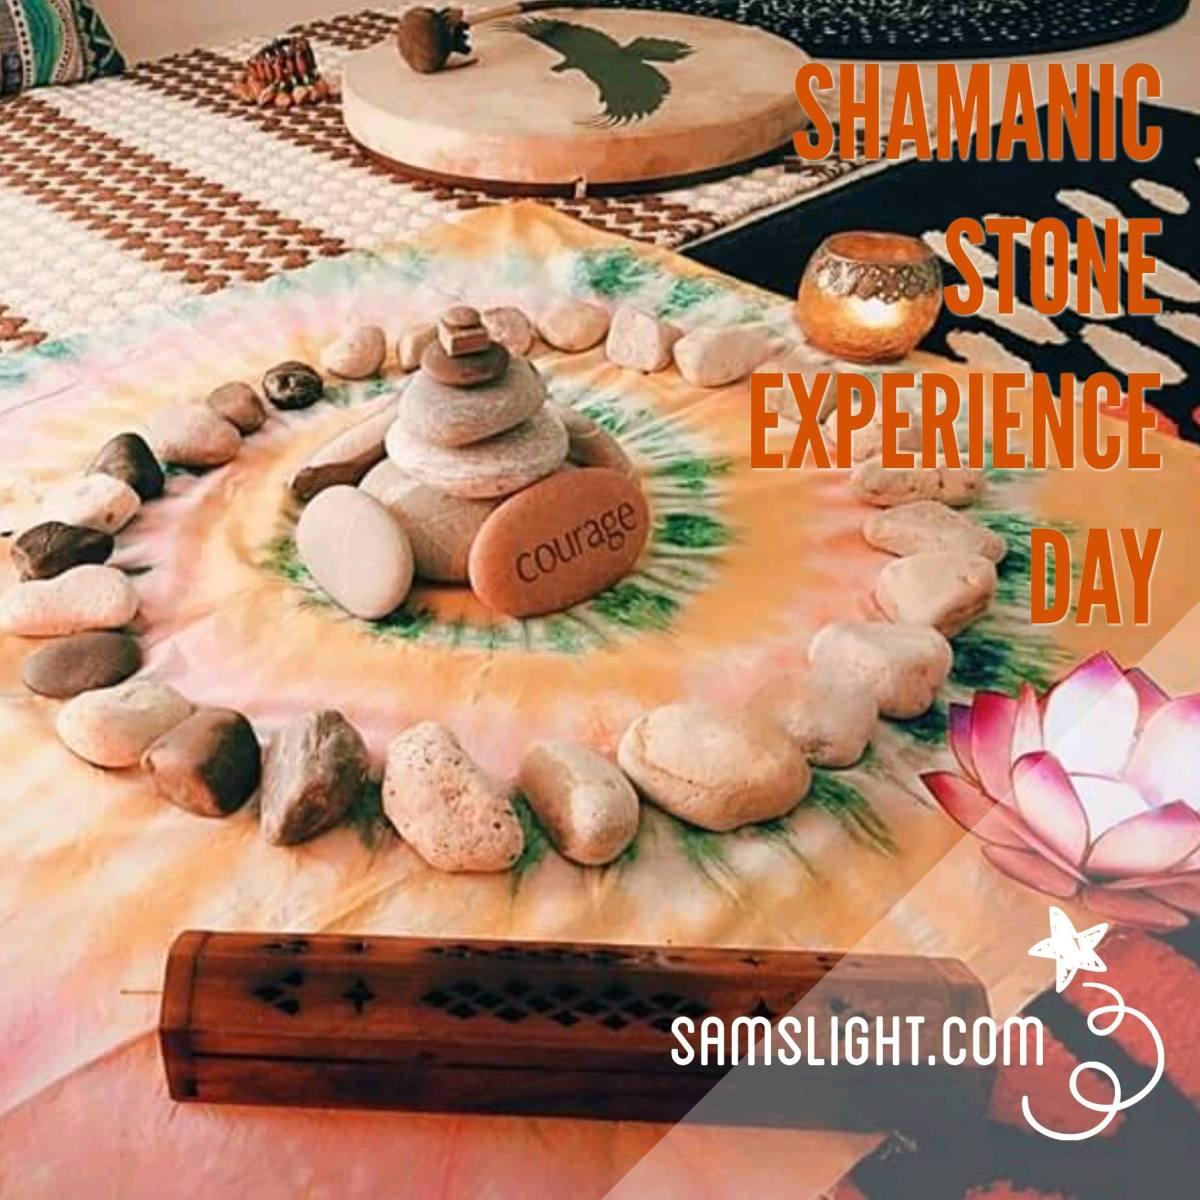 Shamanic 薩滿石頭占卜~ 石頭治療體驗日